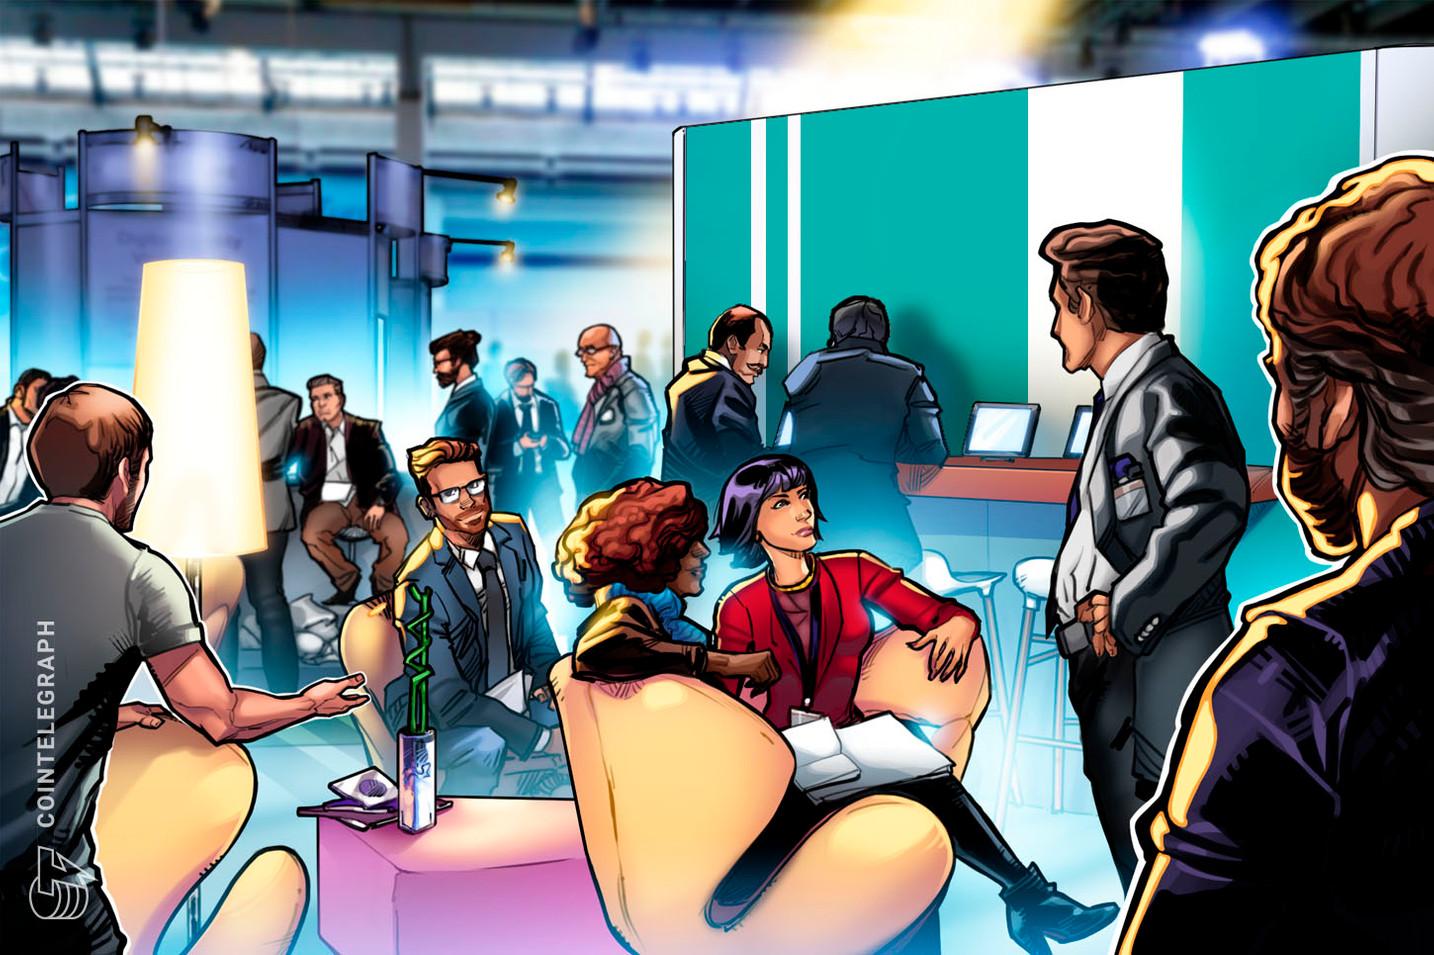 Quasi l'80% dei partecipanti agli eventi sulle criptovalute sono uomini, rivela uno studio